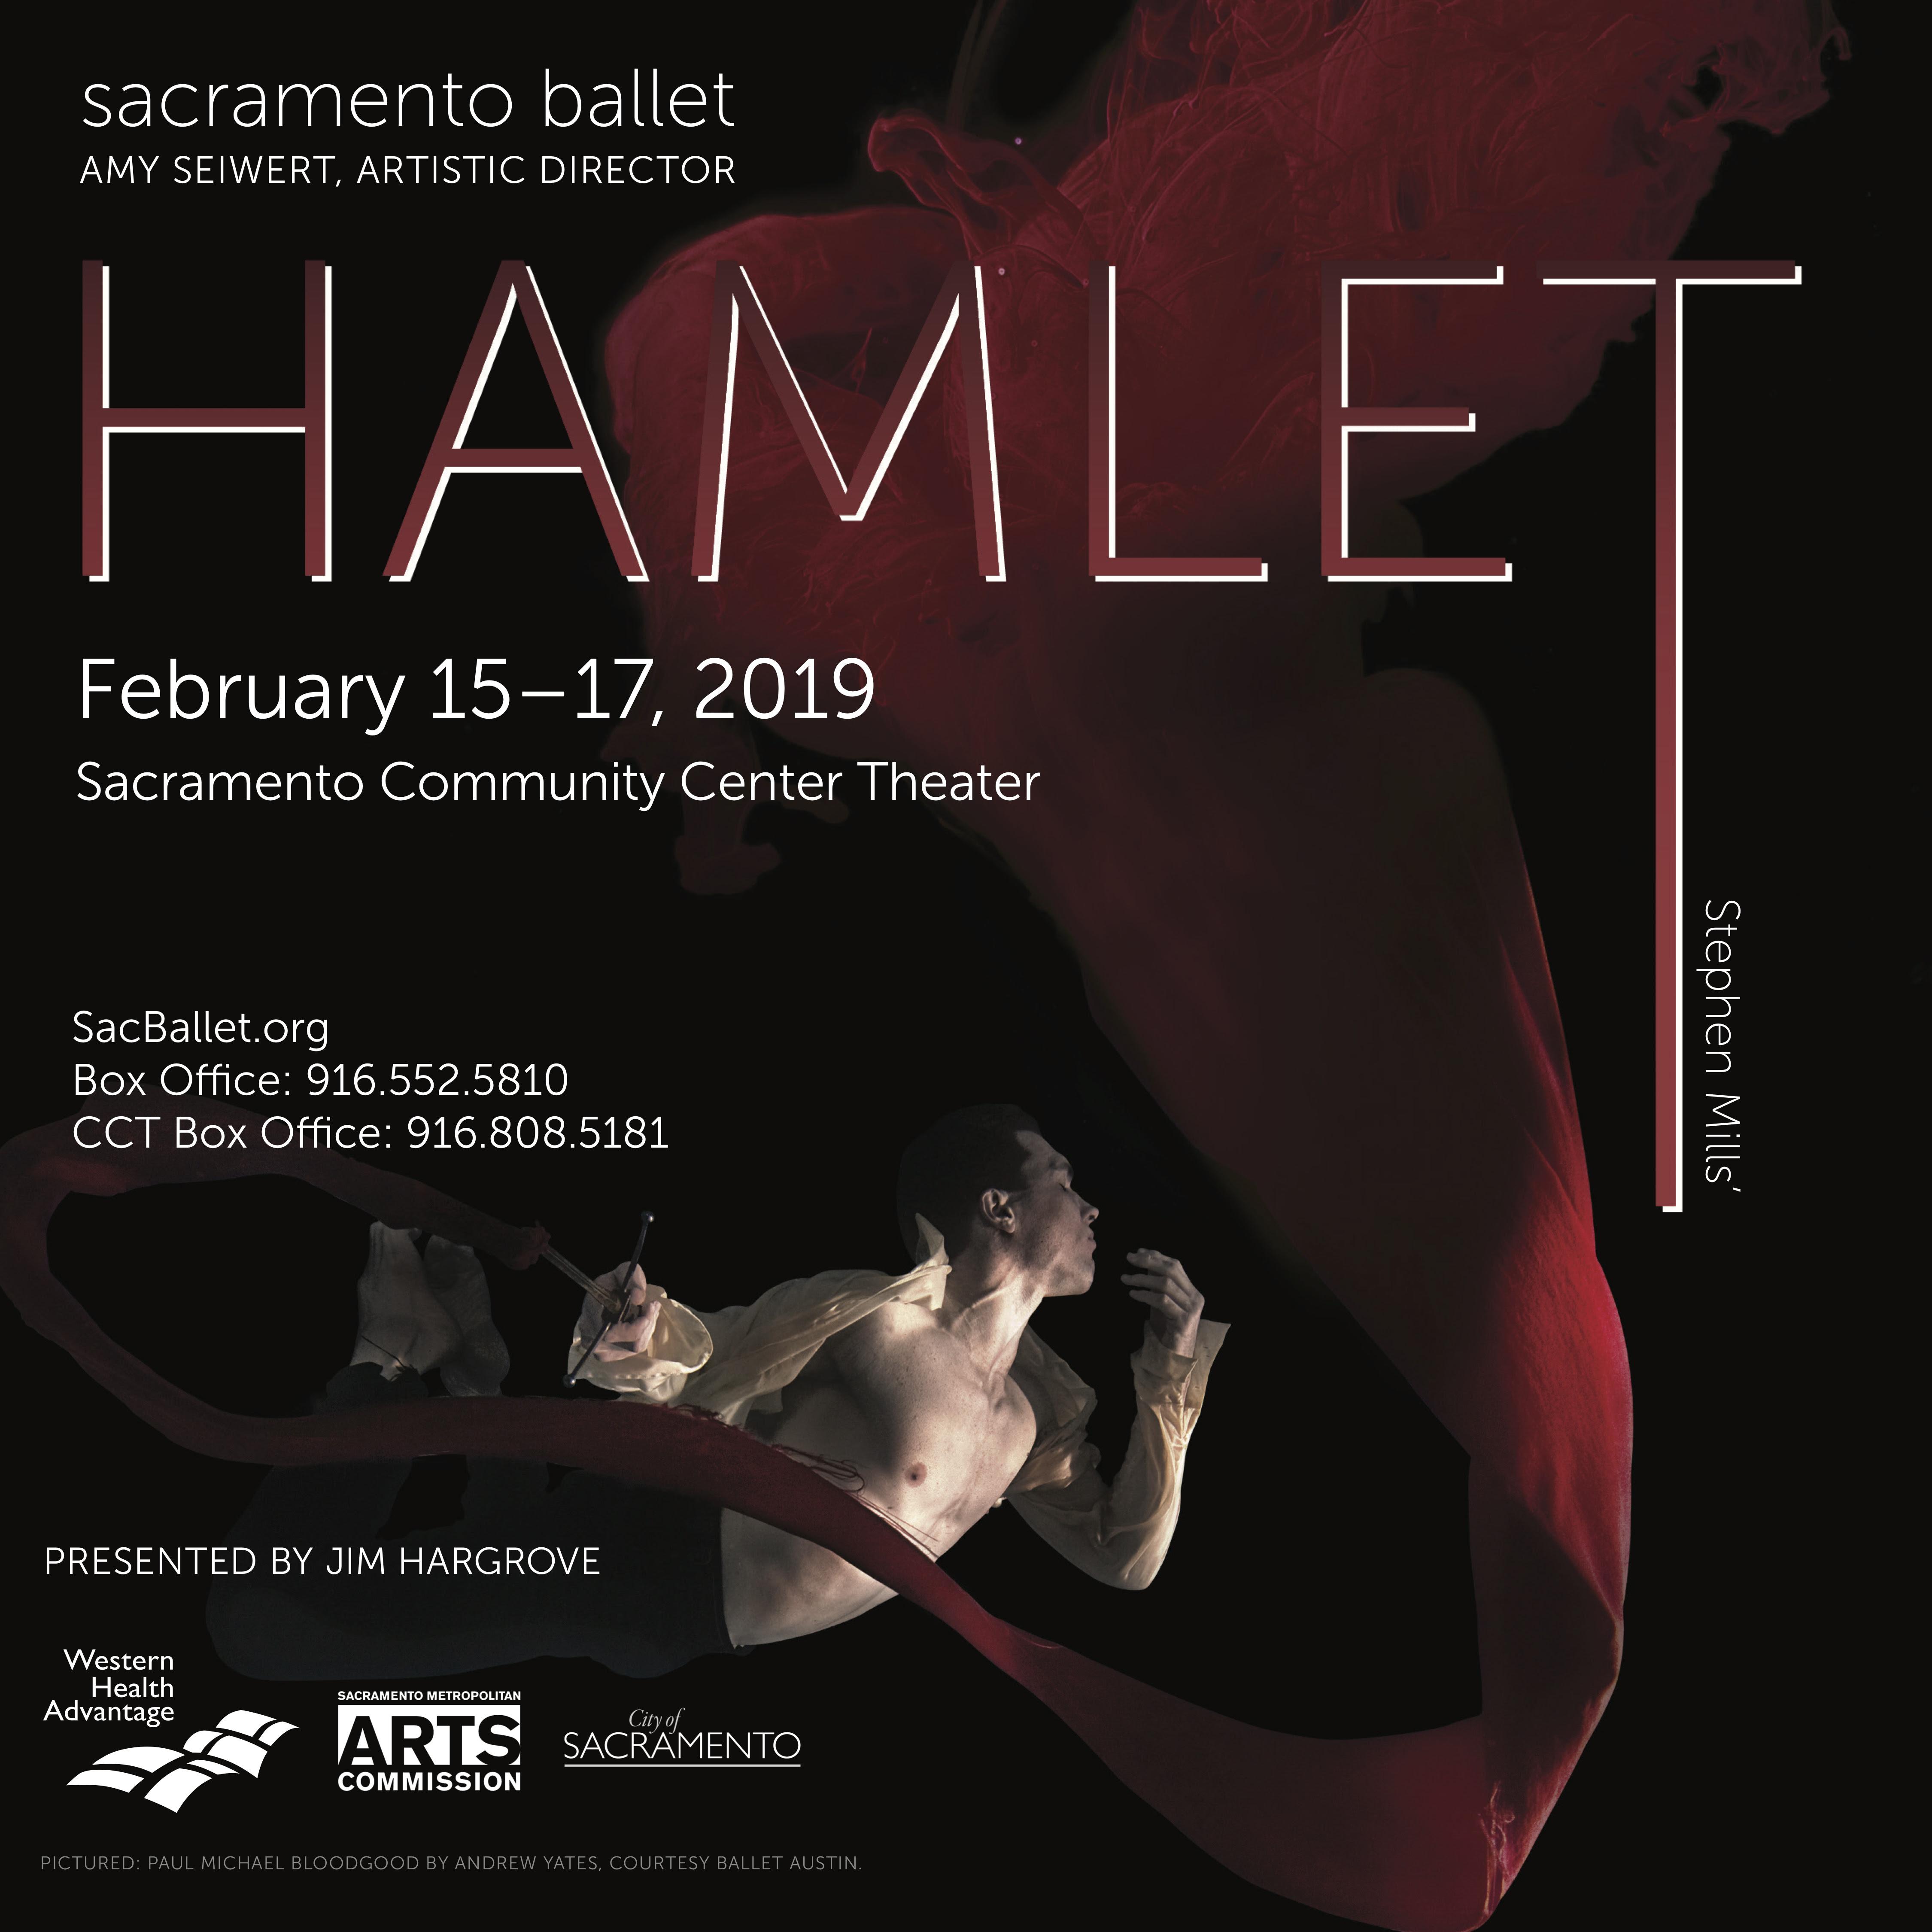 Sacramento Ballet: HAMLET